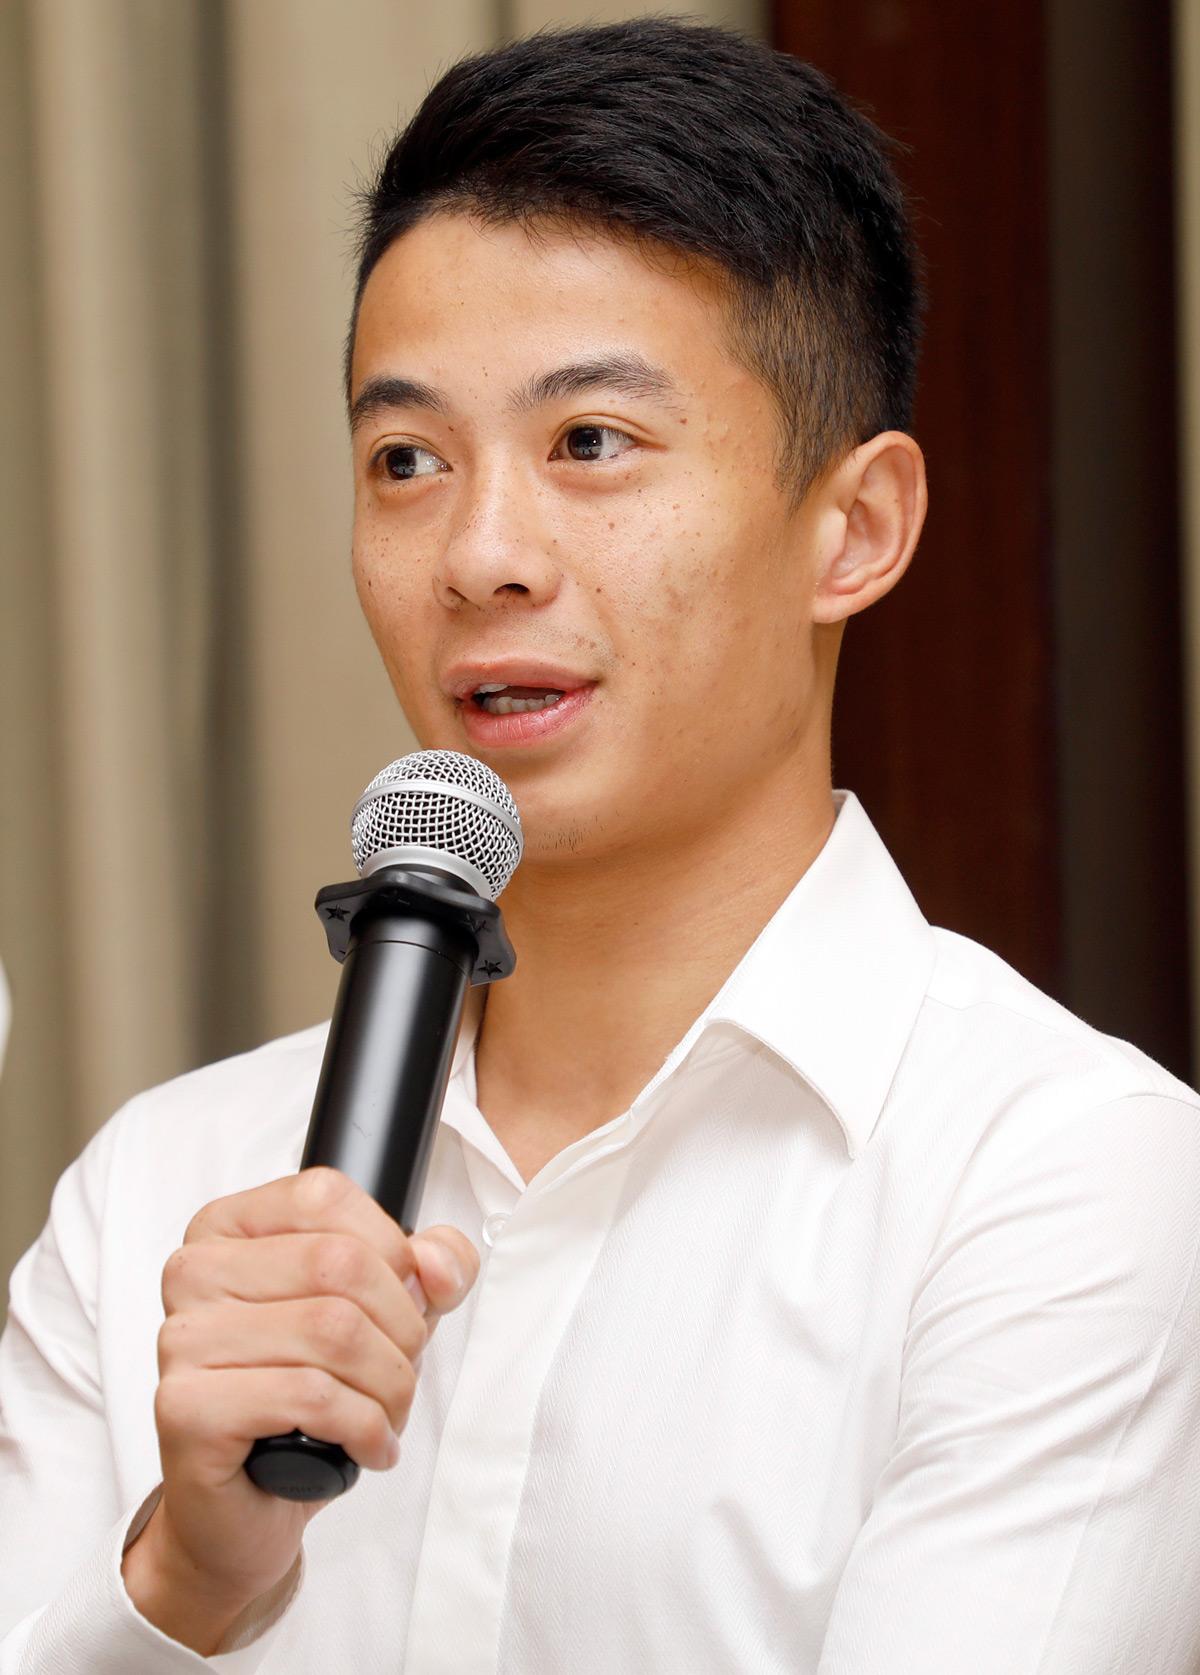 騎師梁家俊詳談自己為策騎事業而奮鬥,終於在今季夥拍「美麗傳承」,代表香港勇奪國際一級賽浪琴表香港一哩錦標。